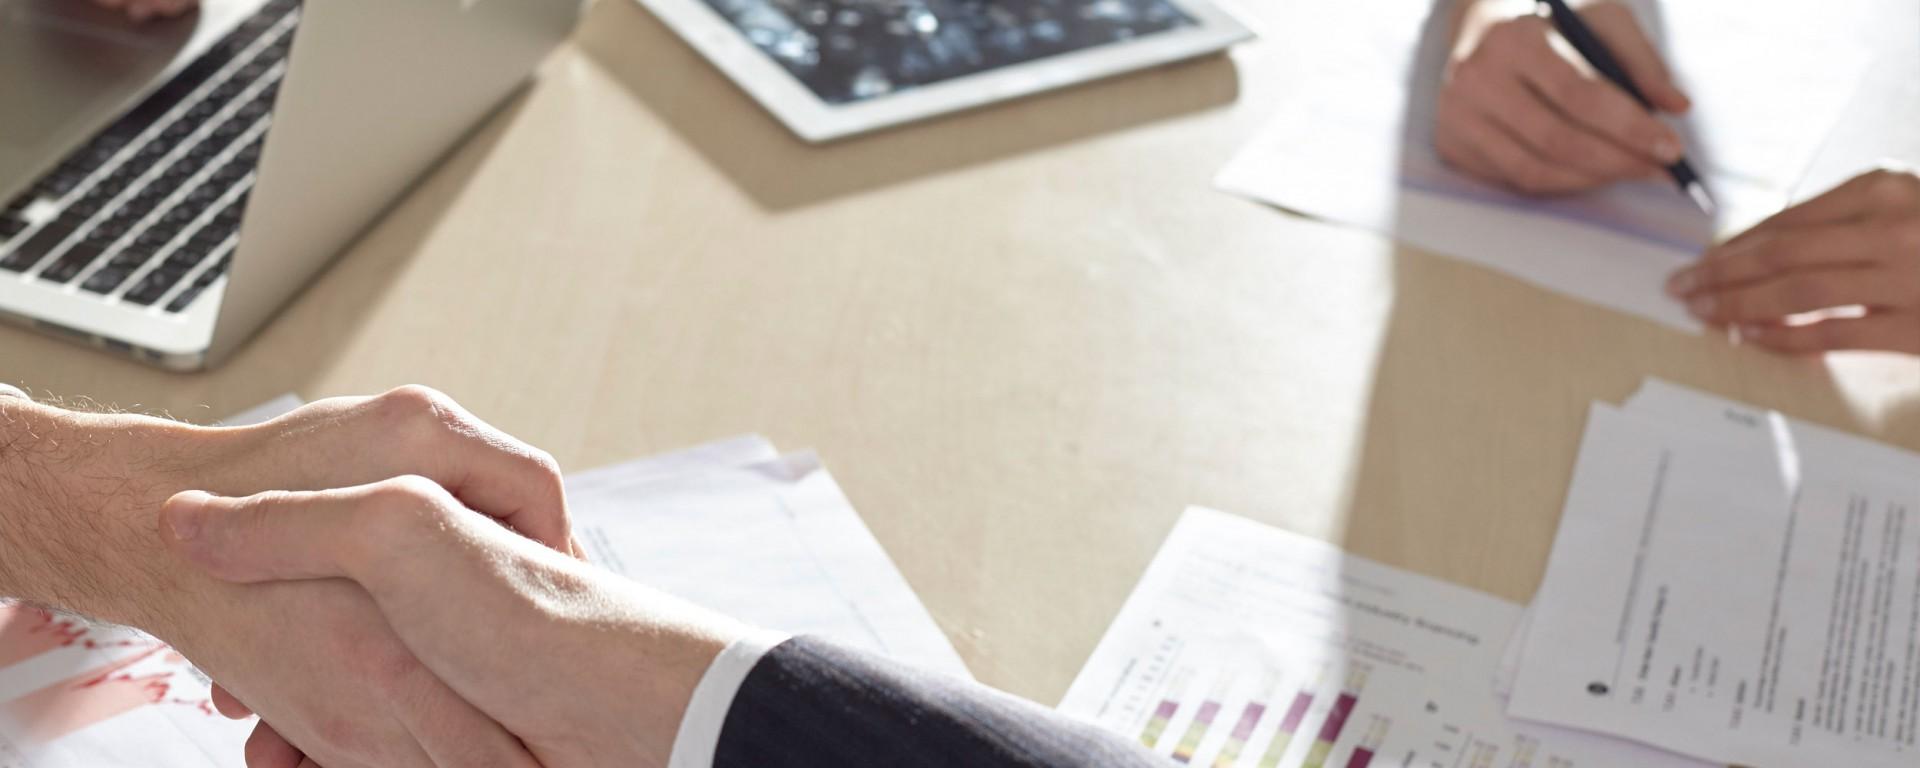 社員が育つ・職場が変わる! 気づき力の育成がARIAの指名